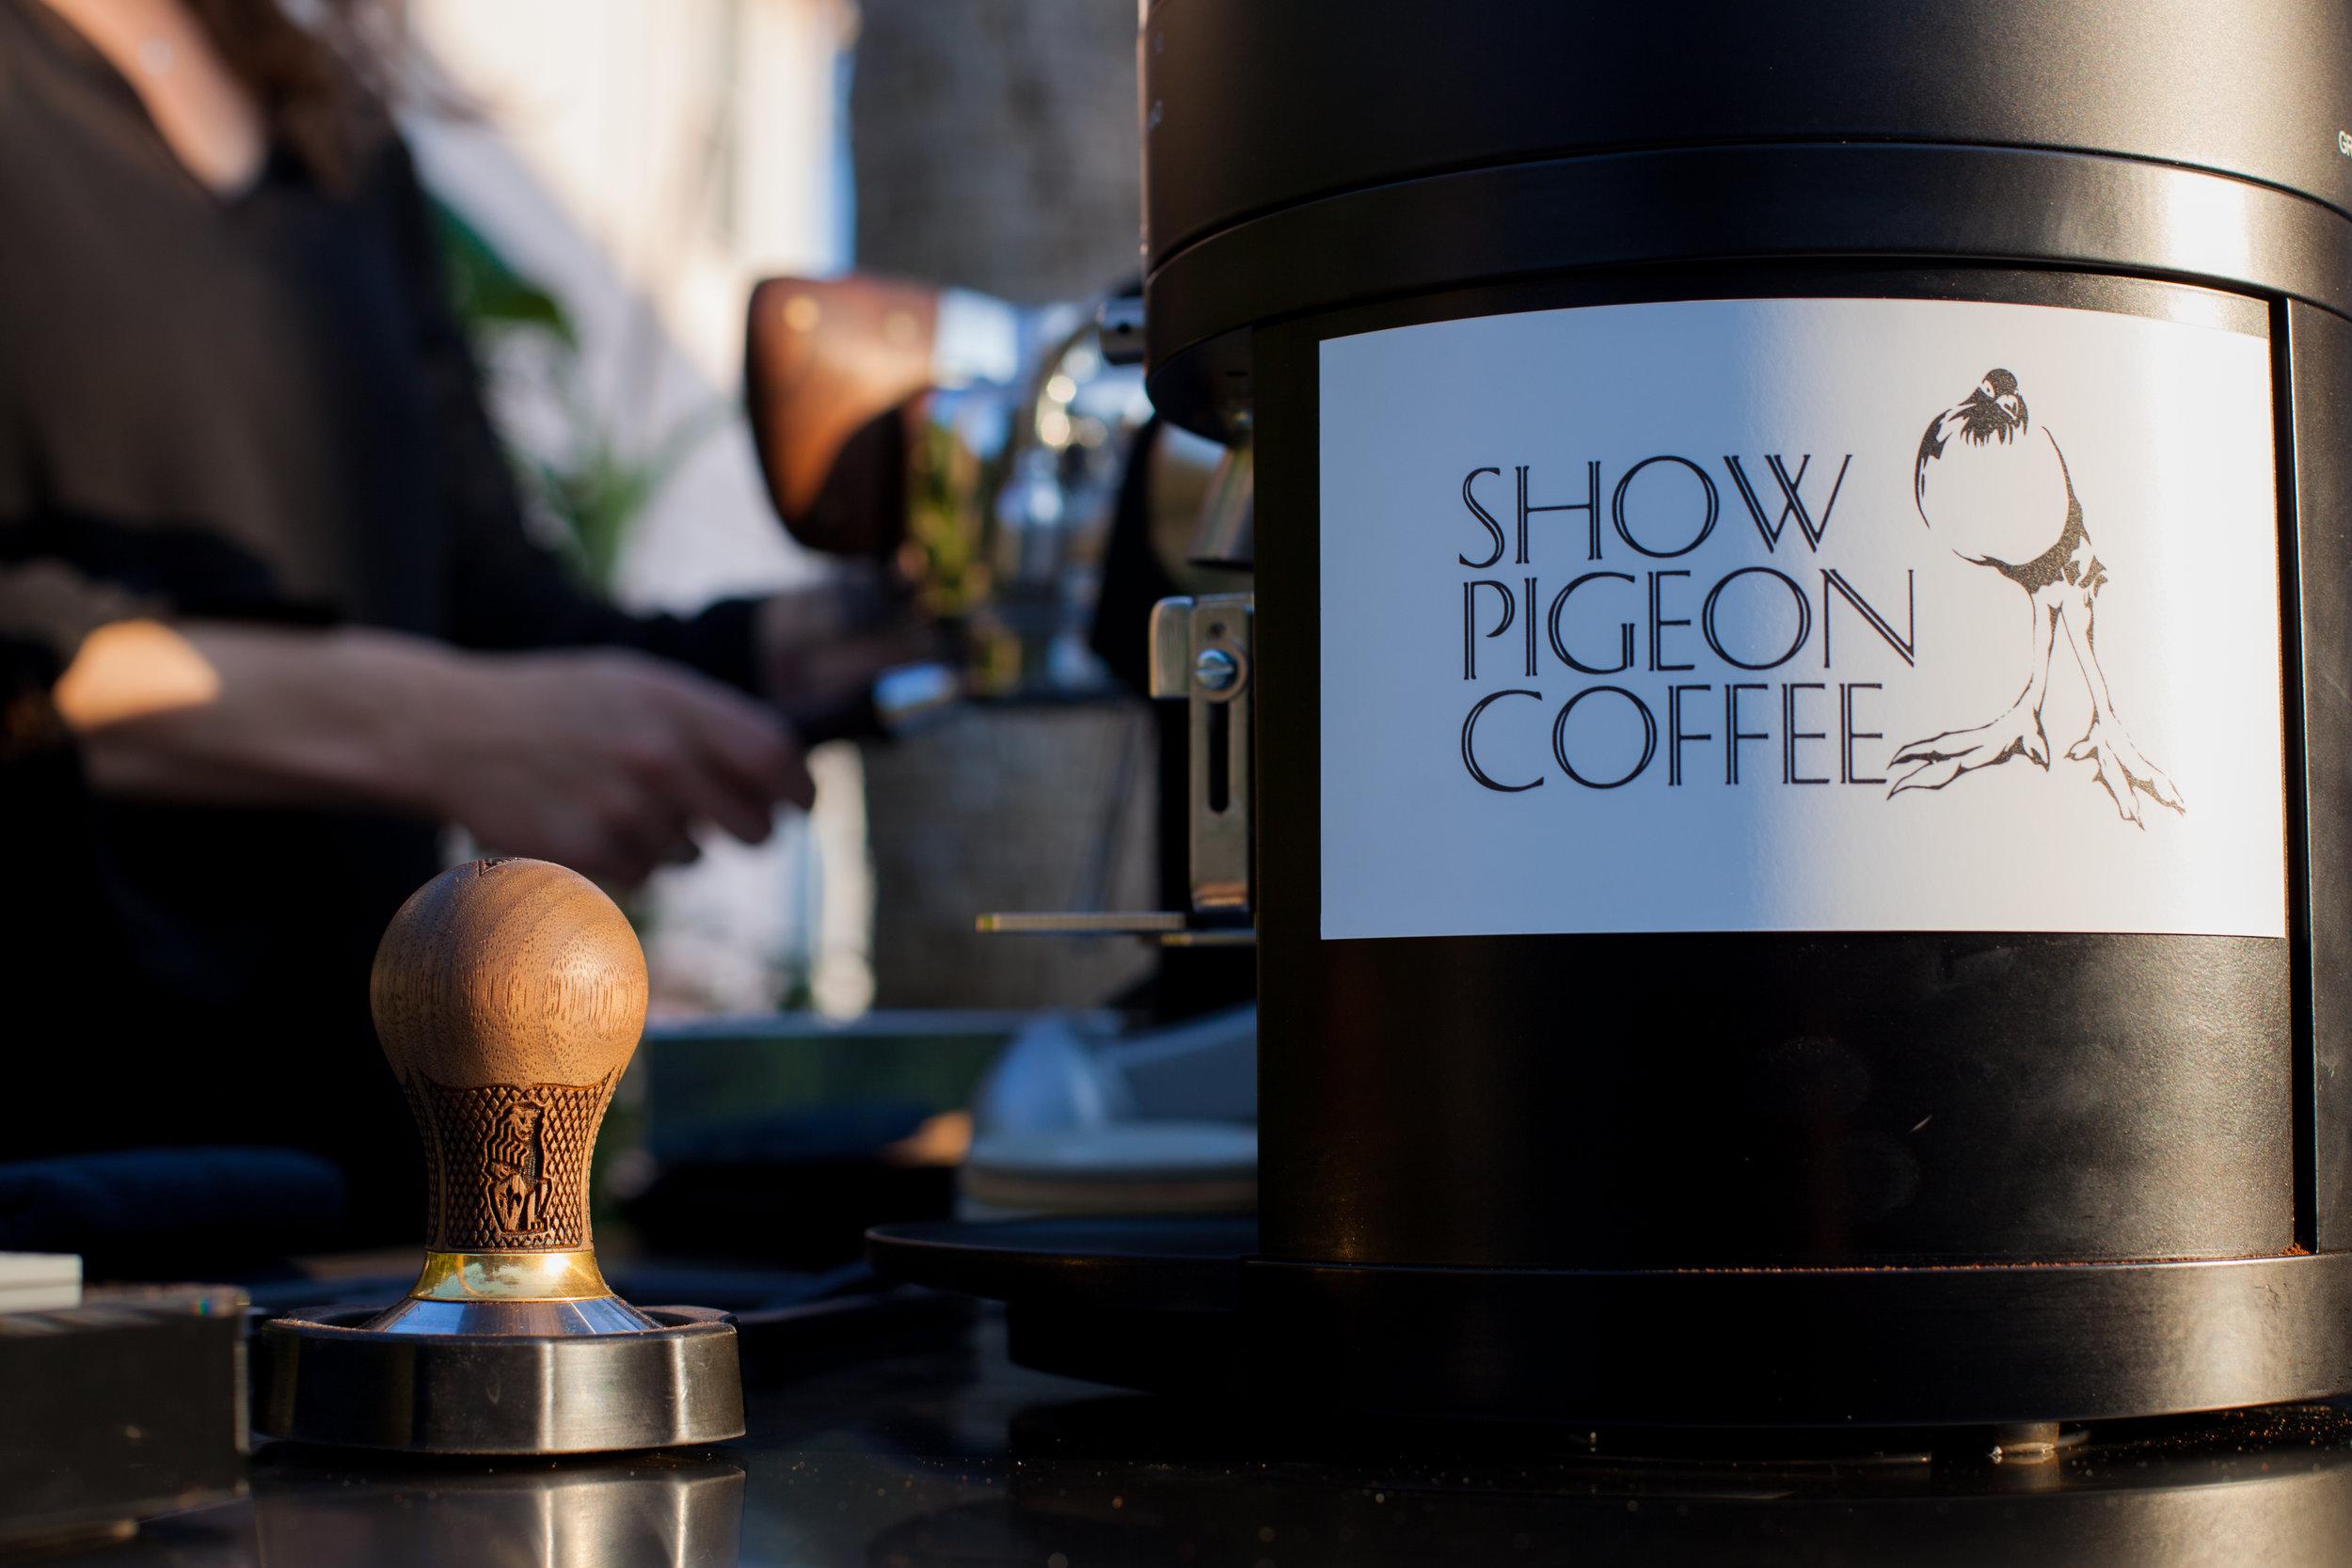 Show Pigeon Coffee